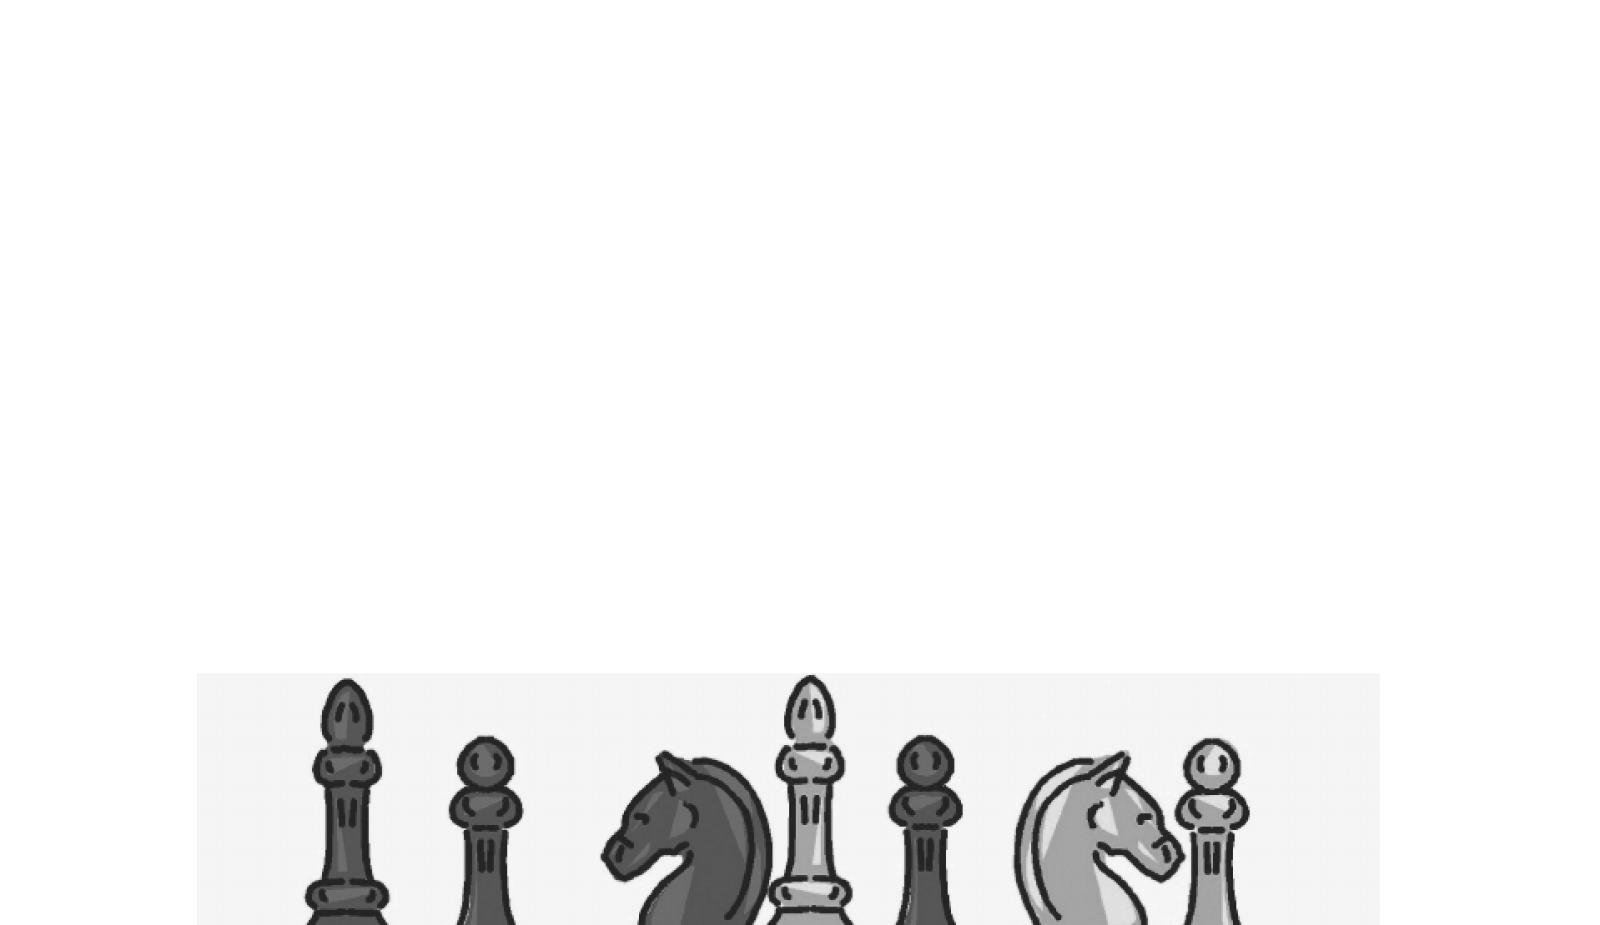 国际象棋战术组合技巧-新版马头图片